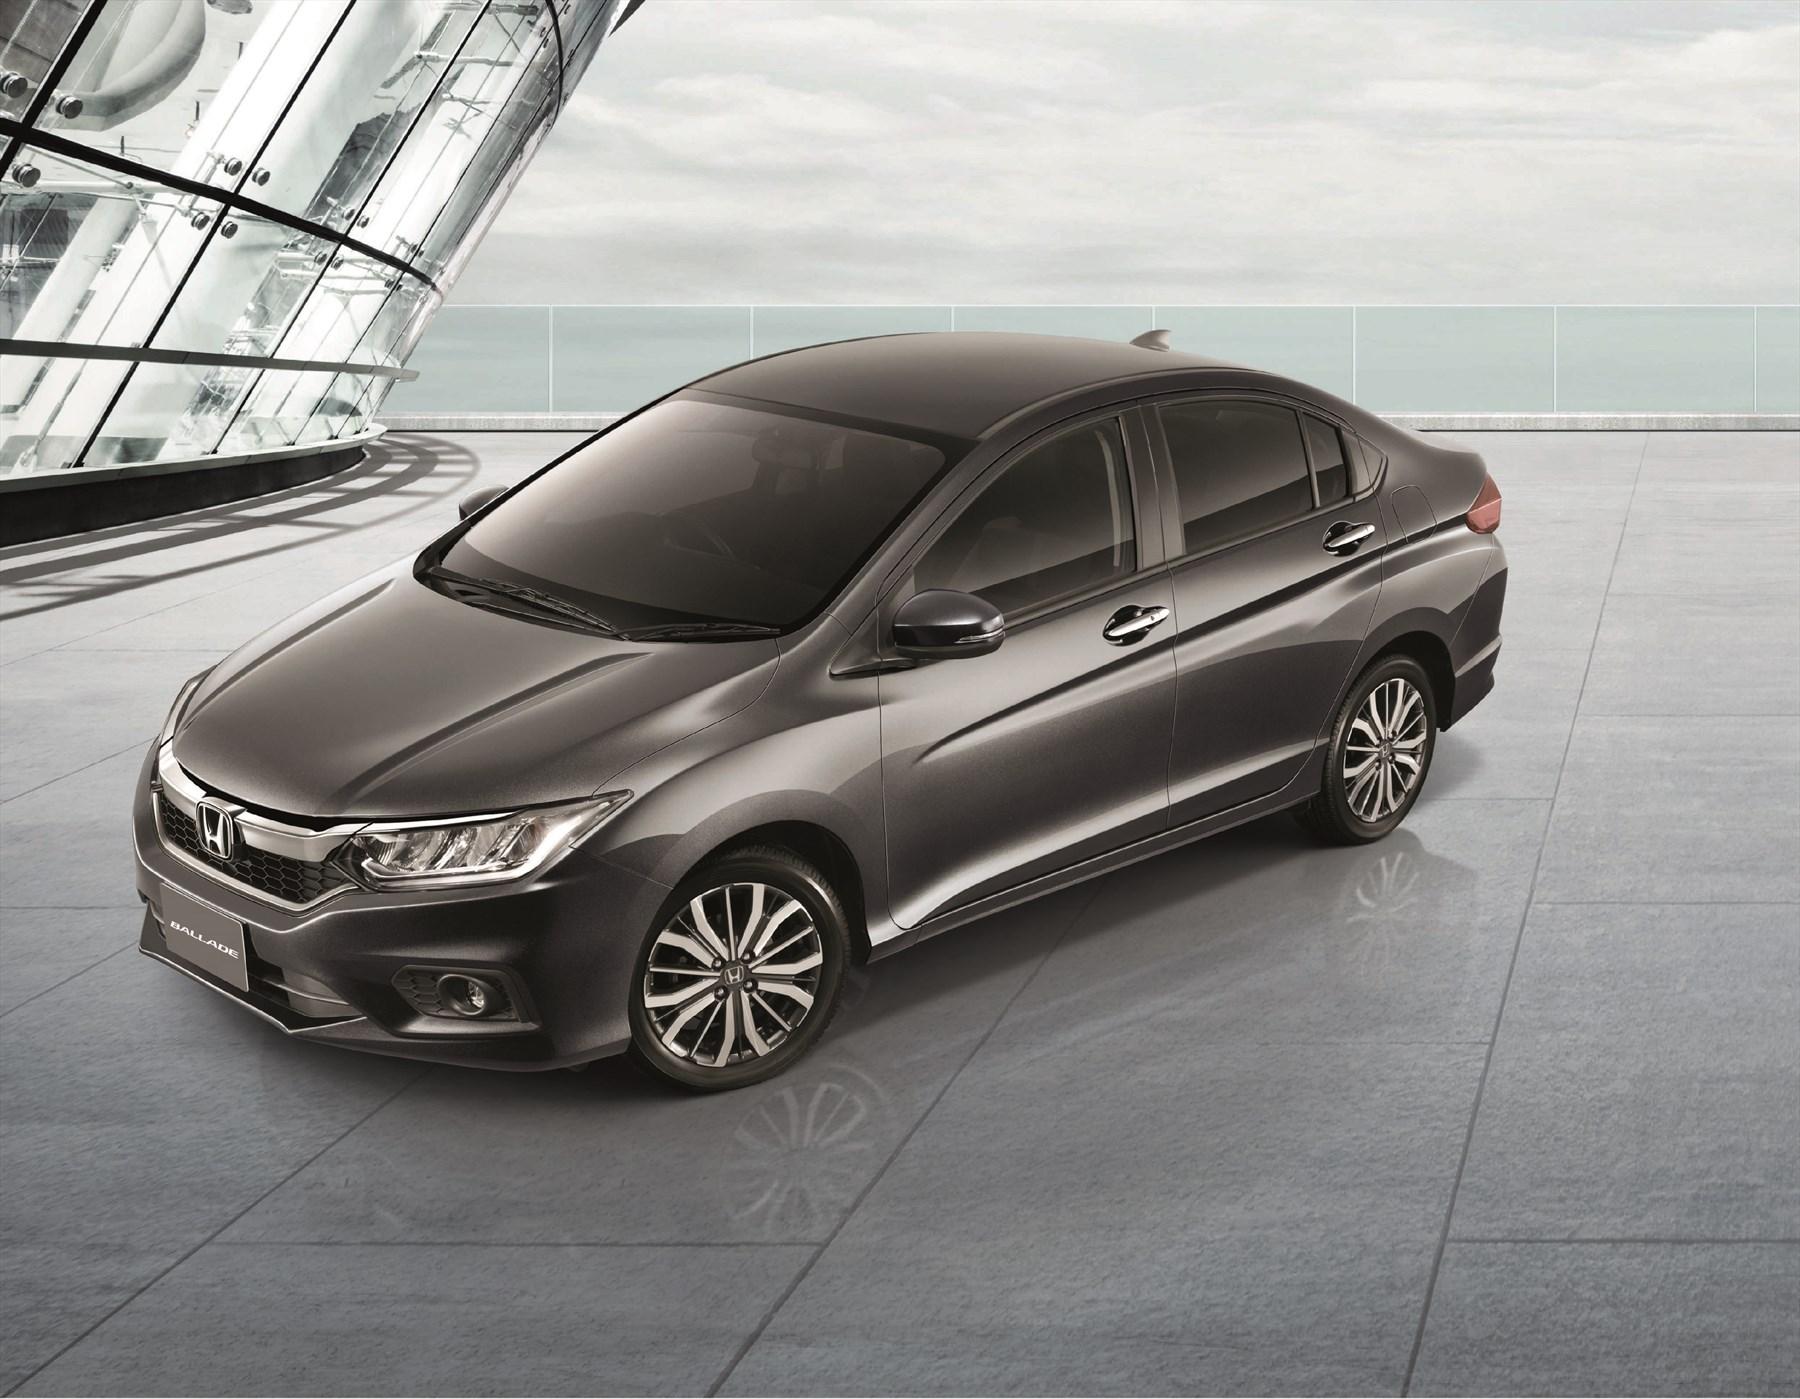 Honda Ballade receives an update